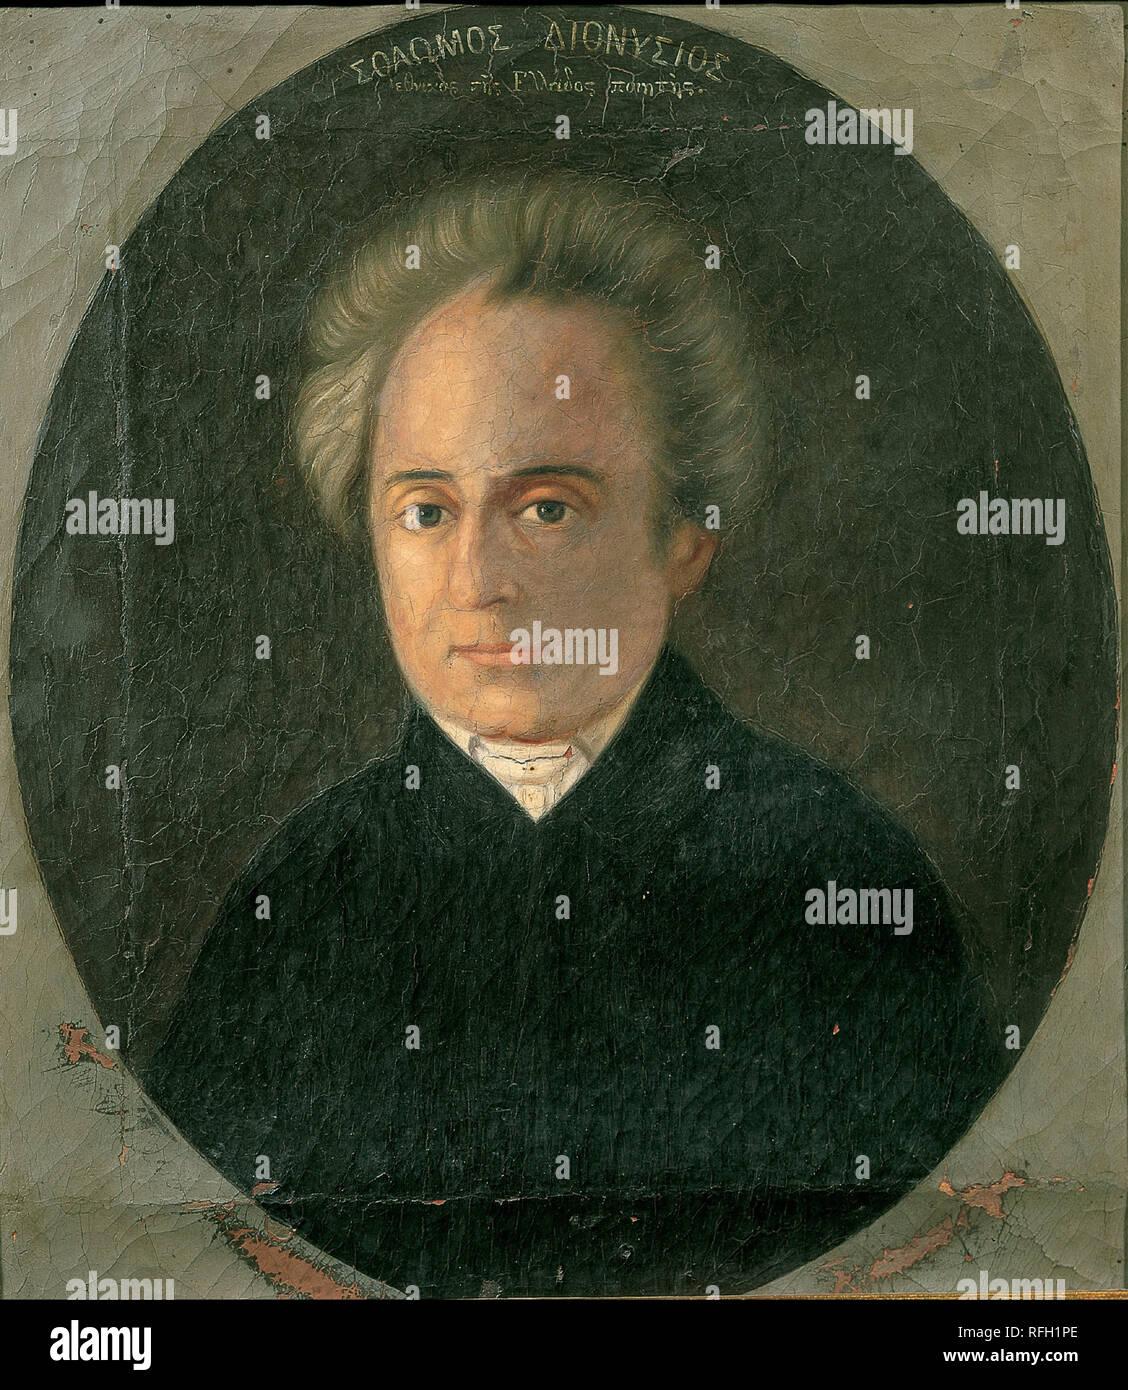 Dionisios Solomos. Data/Periodo: 1800 - 1899. La pittura. Altezza: 330 mm (12.99 in); larghezza: 300 mm (11,81 in). Autore: Artista sconosciuto. Immagini Stock